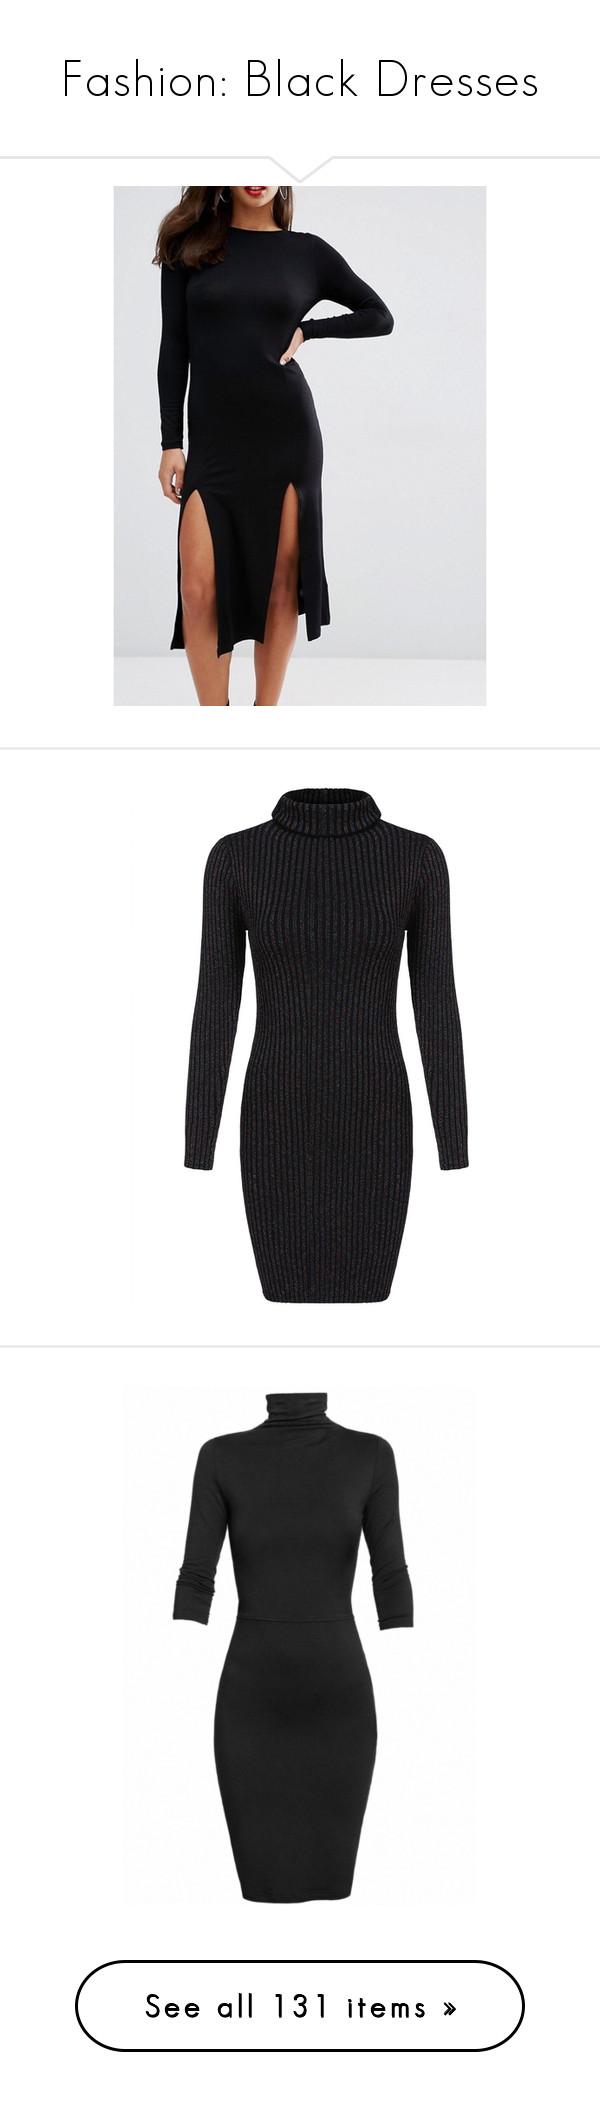 Fashion black dresses